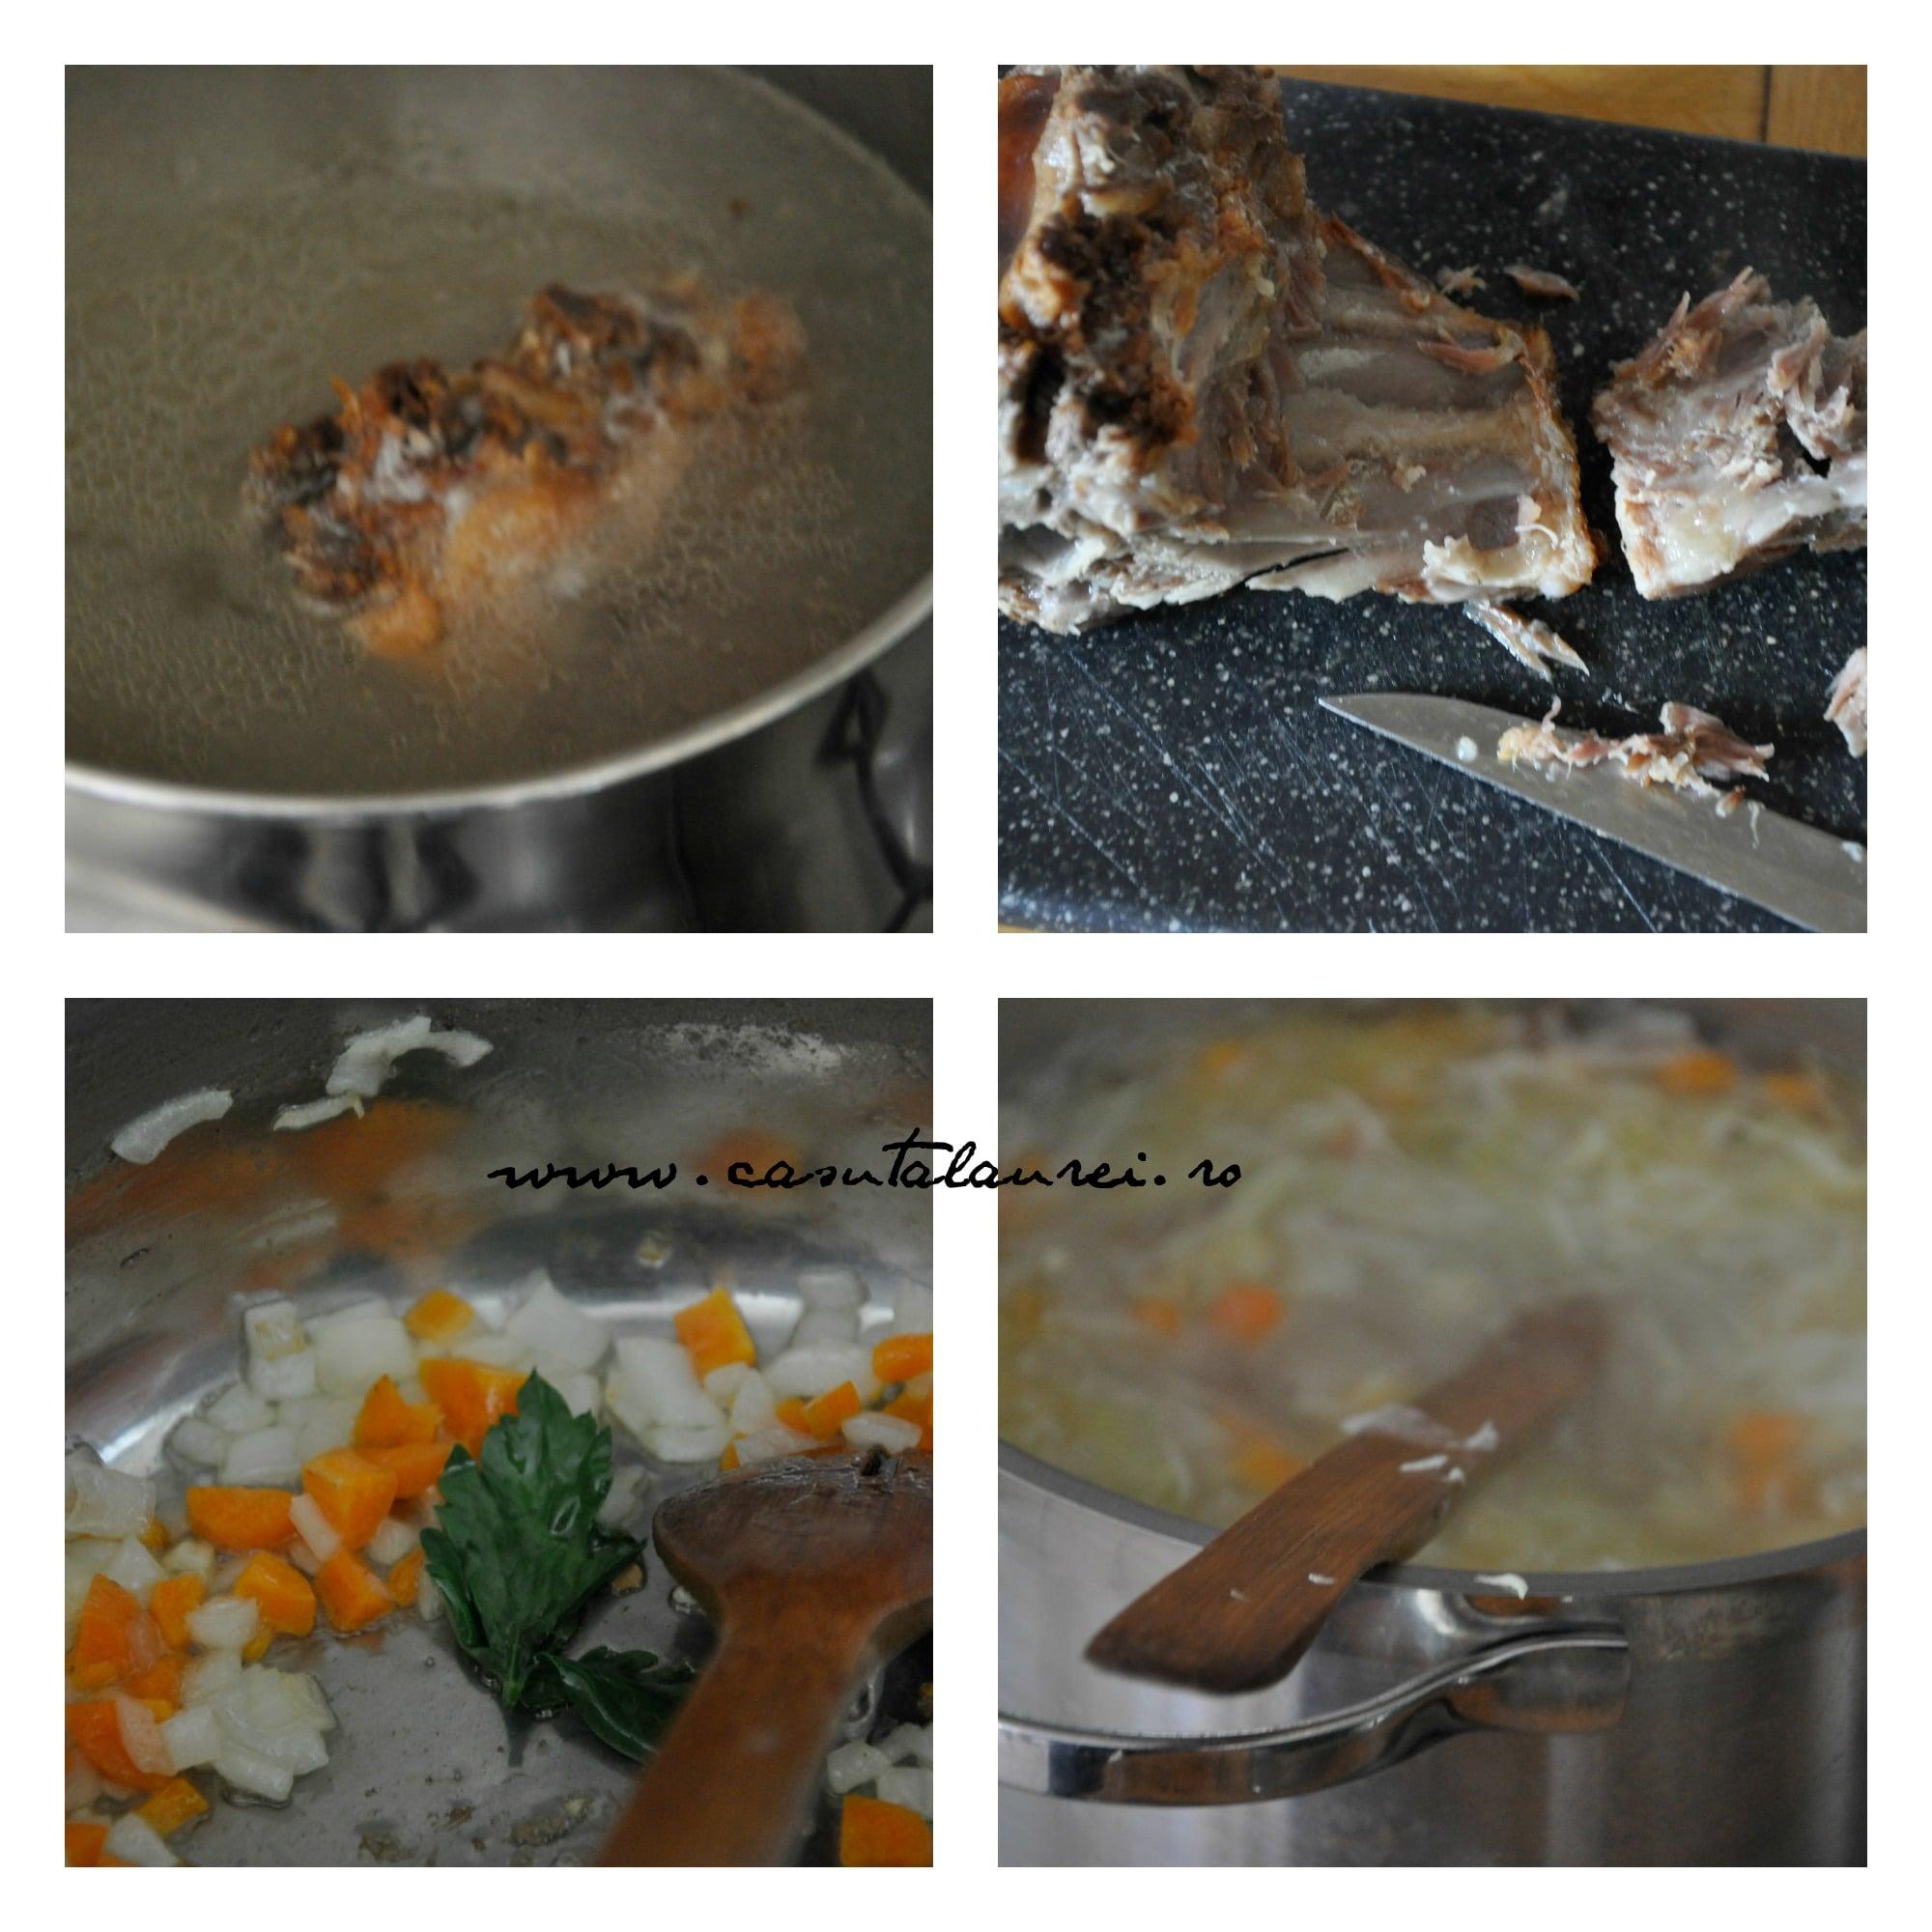 Ciorba de varza - making of